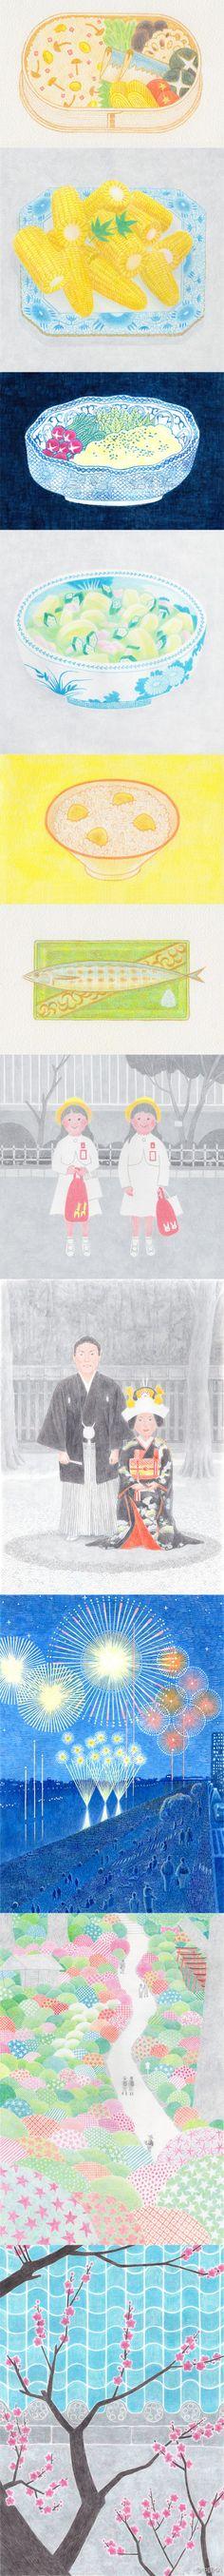 土居香桜里(Doi Kaori)